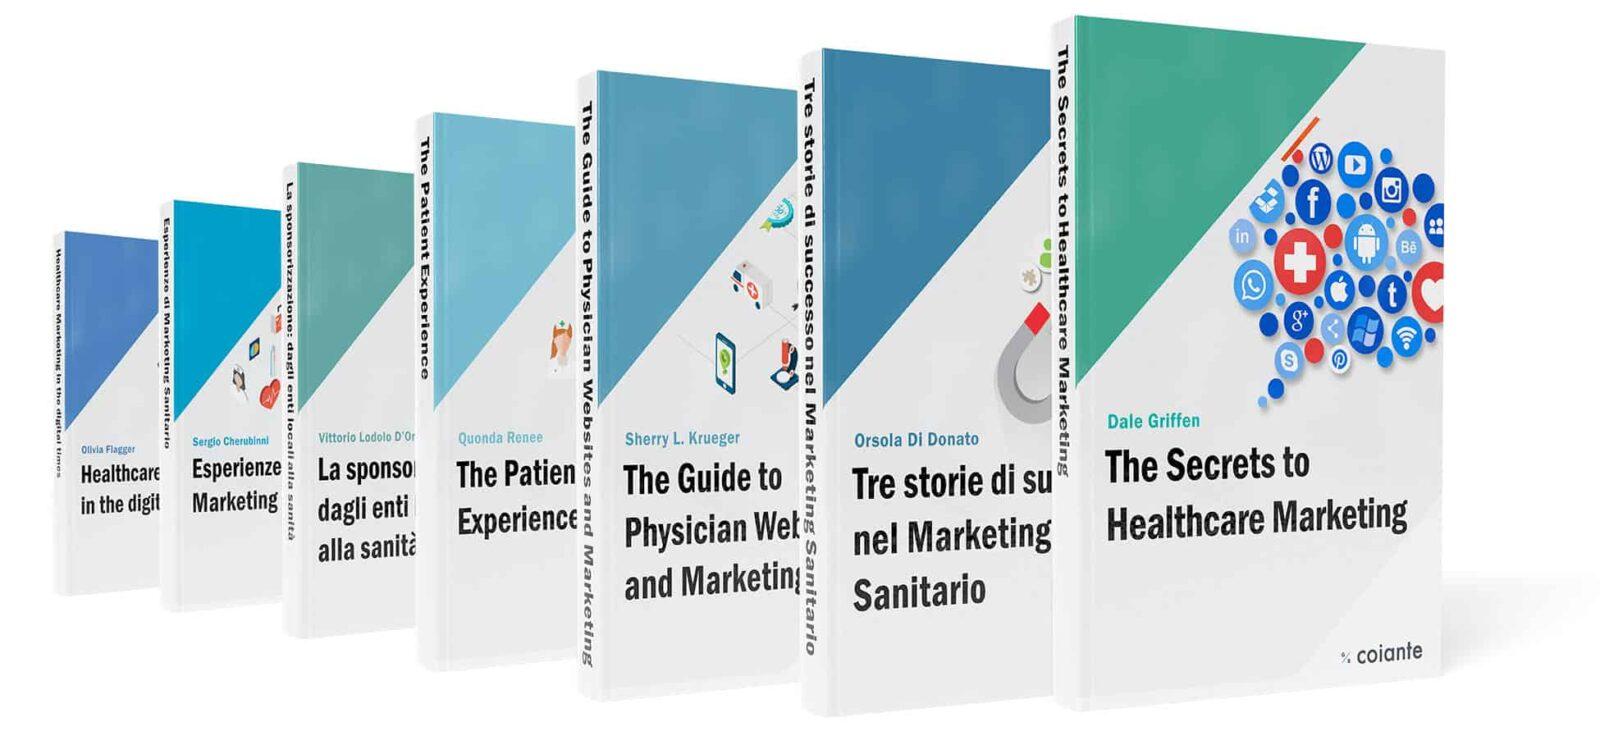 Giovanni Battista Coiante • Marketer Sanitario